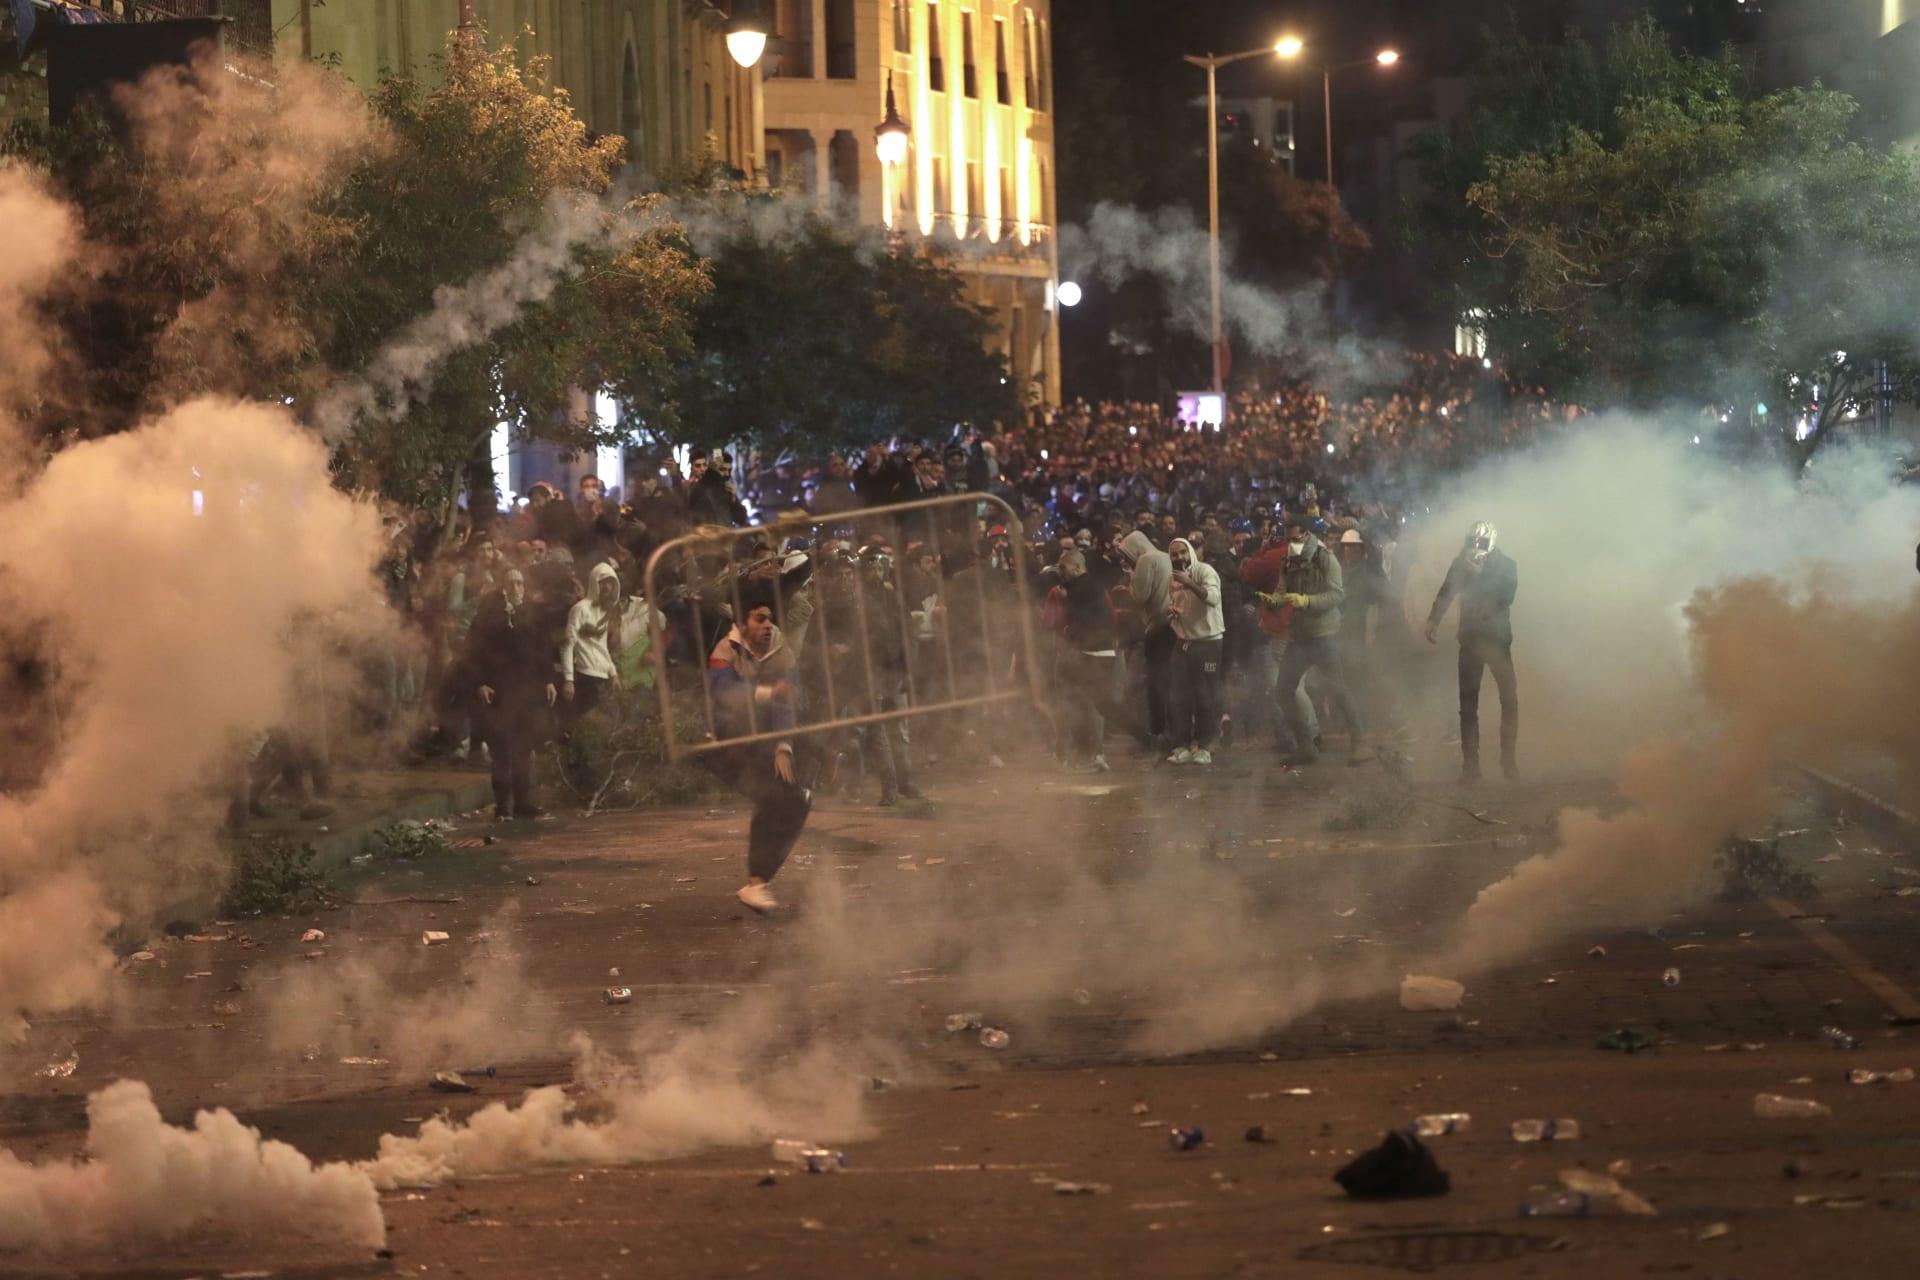 اشتباكات في وسط بيروت بين قوات الأمن والمتظاهرين